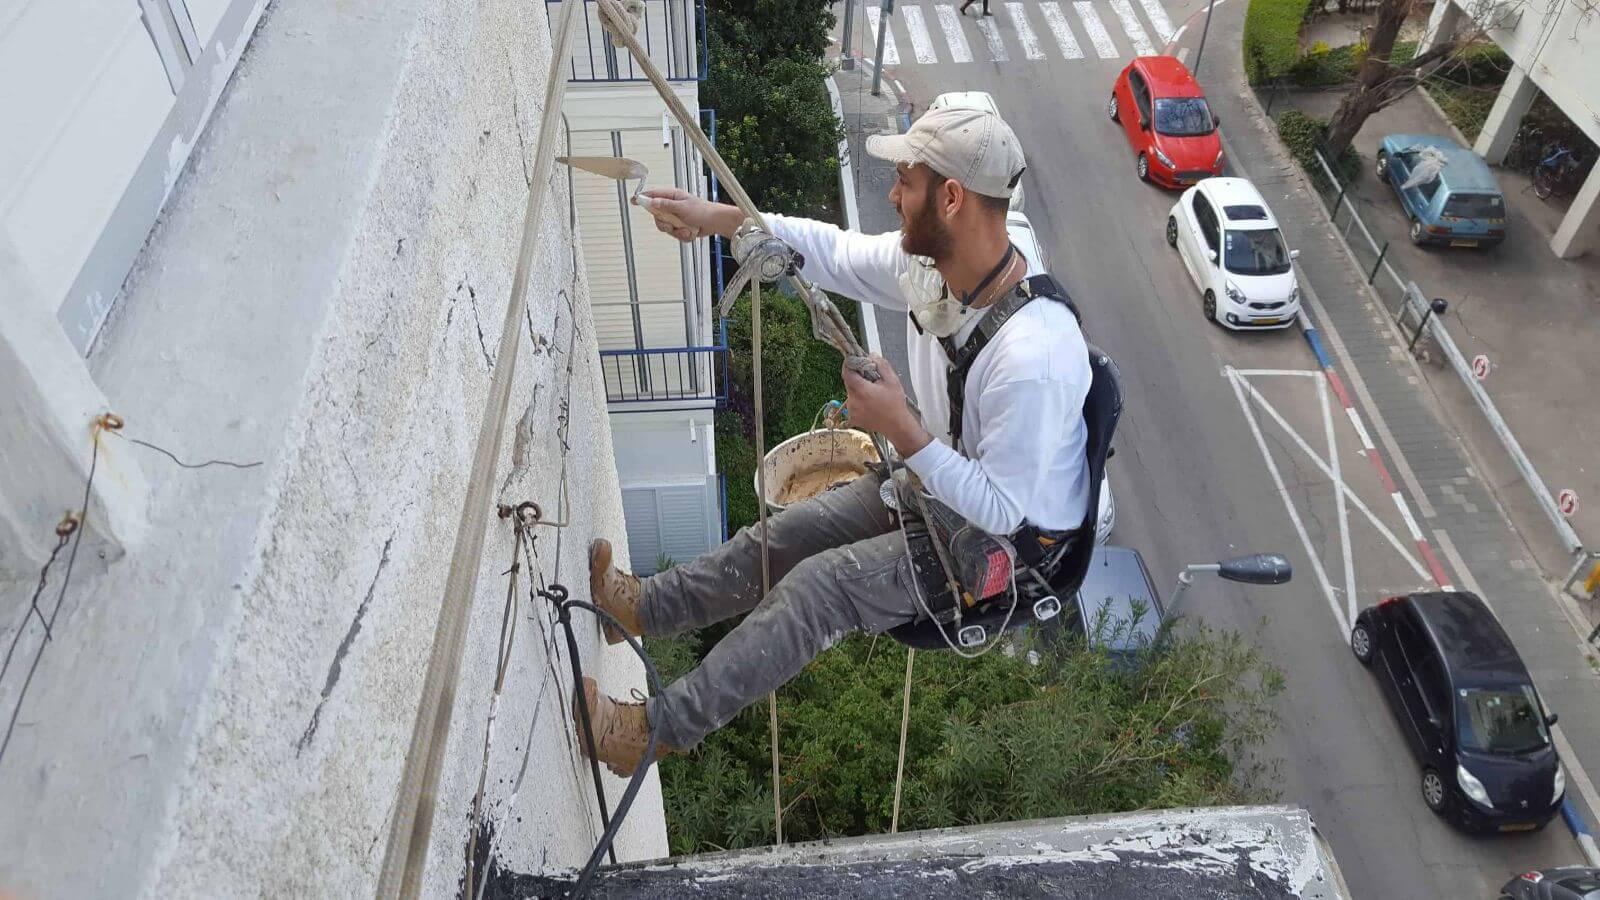 עבודות איטום בגובה סכנות, יתרונות וטיפים